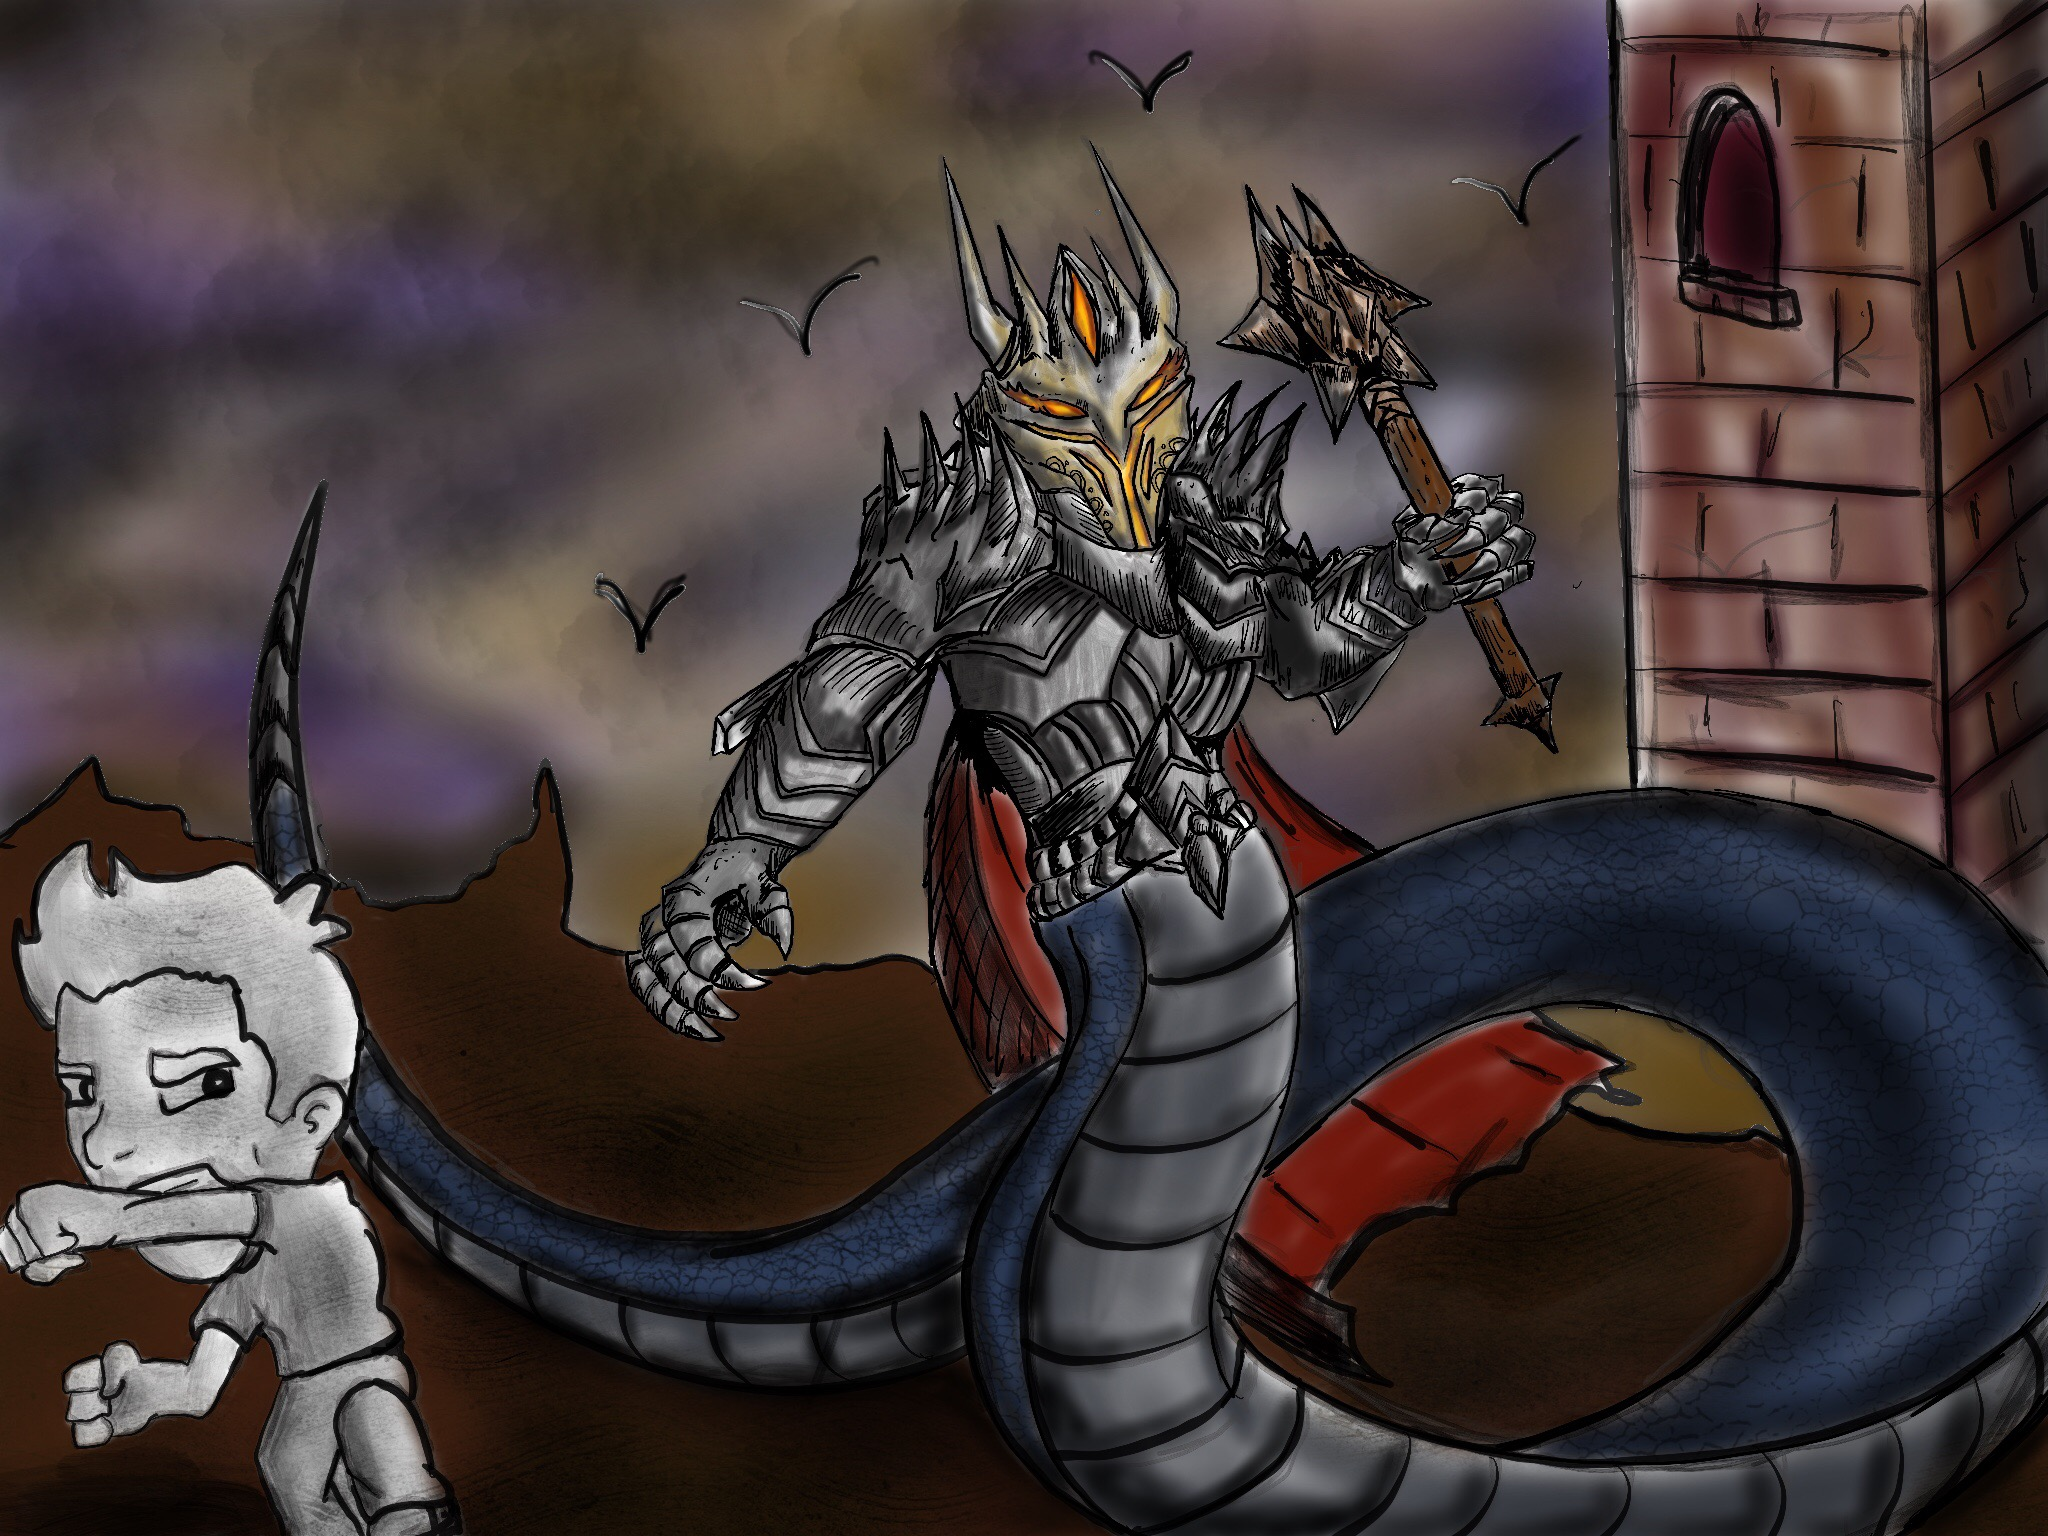 Sauron basilisk beats jazza